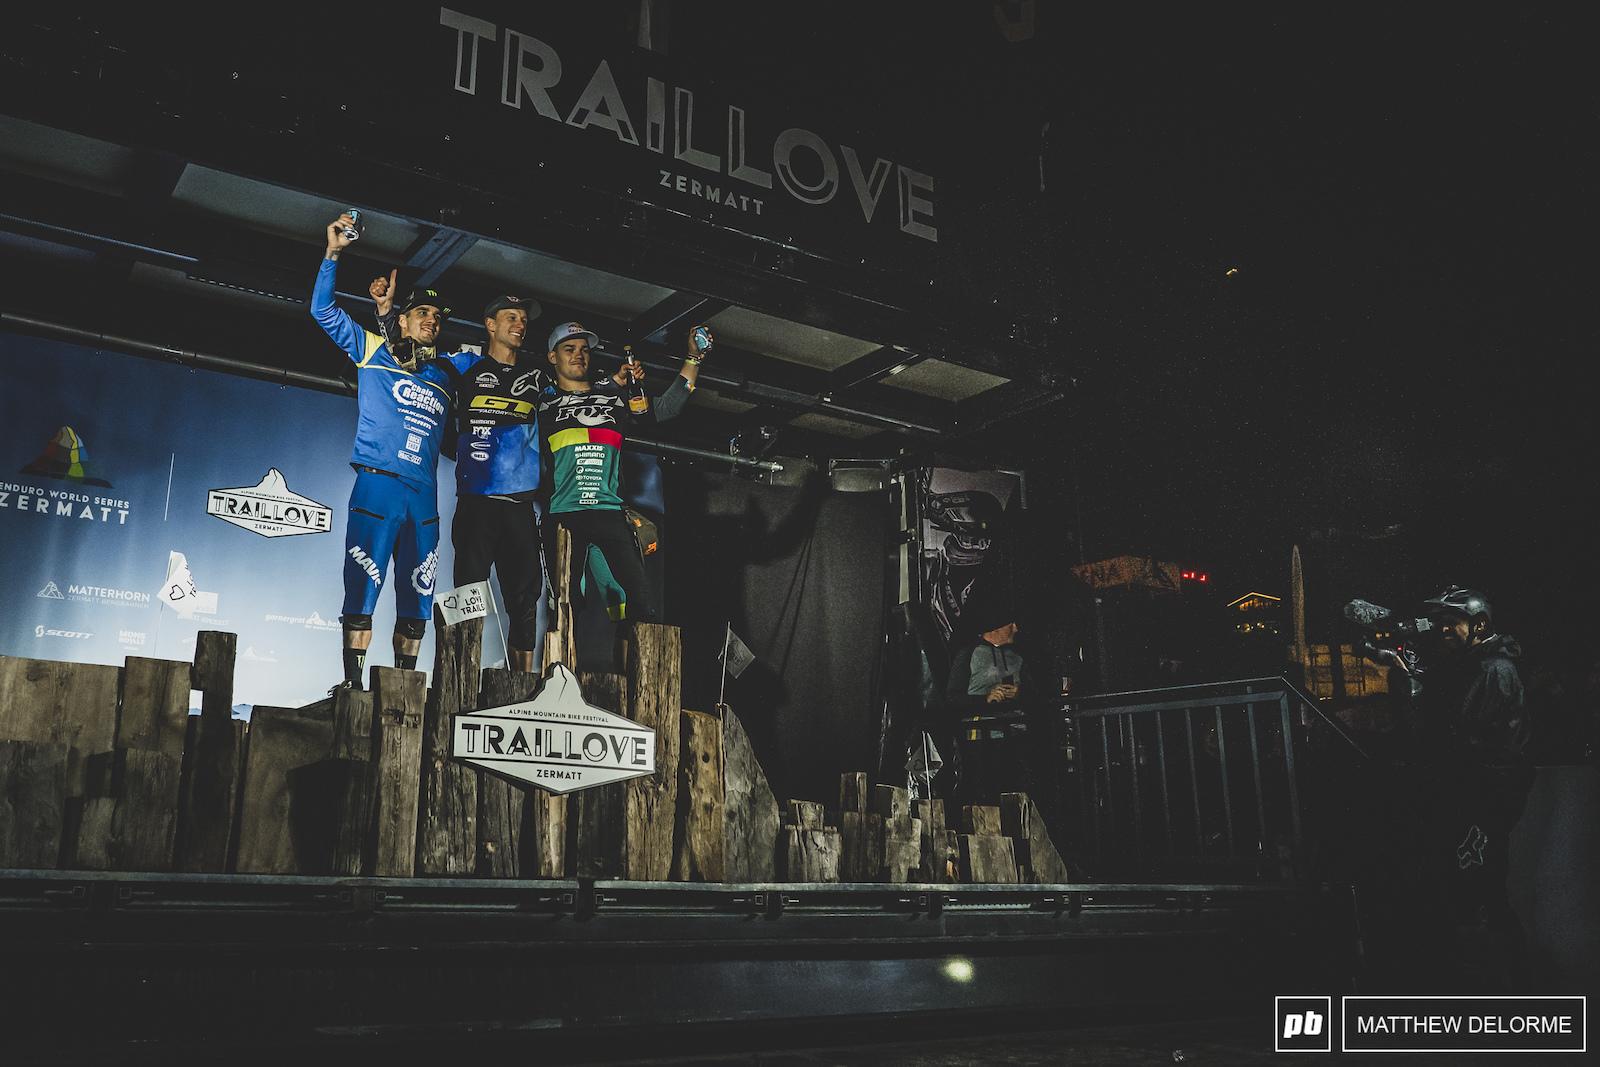 Matin Maes Sam Hill and Richie Rude. Your Zermatt winners.